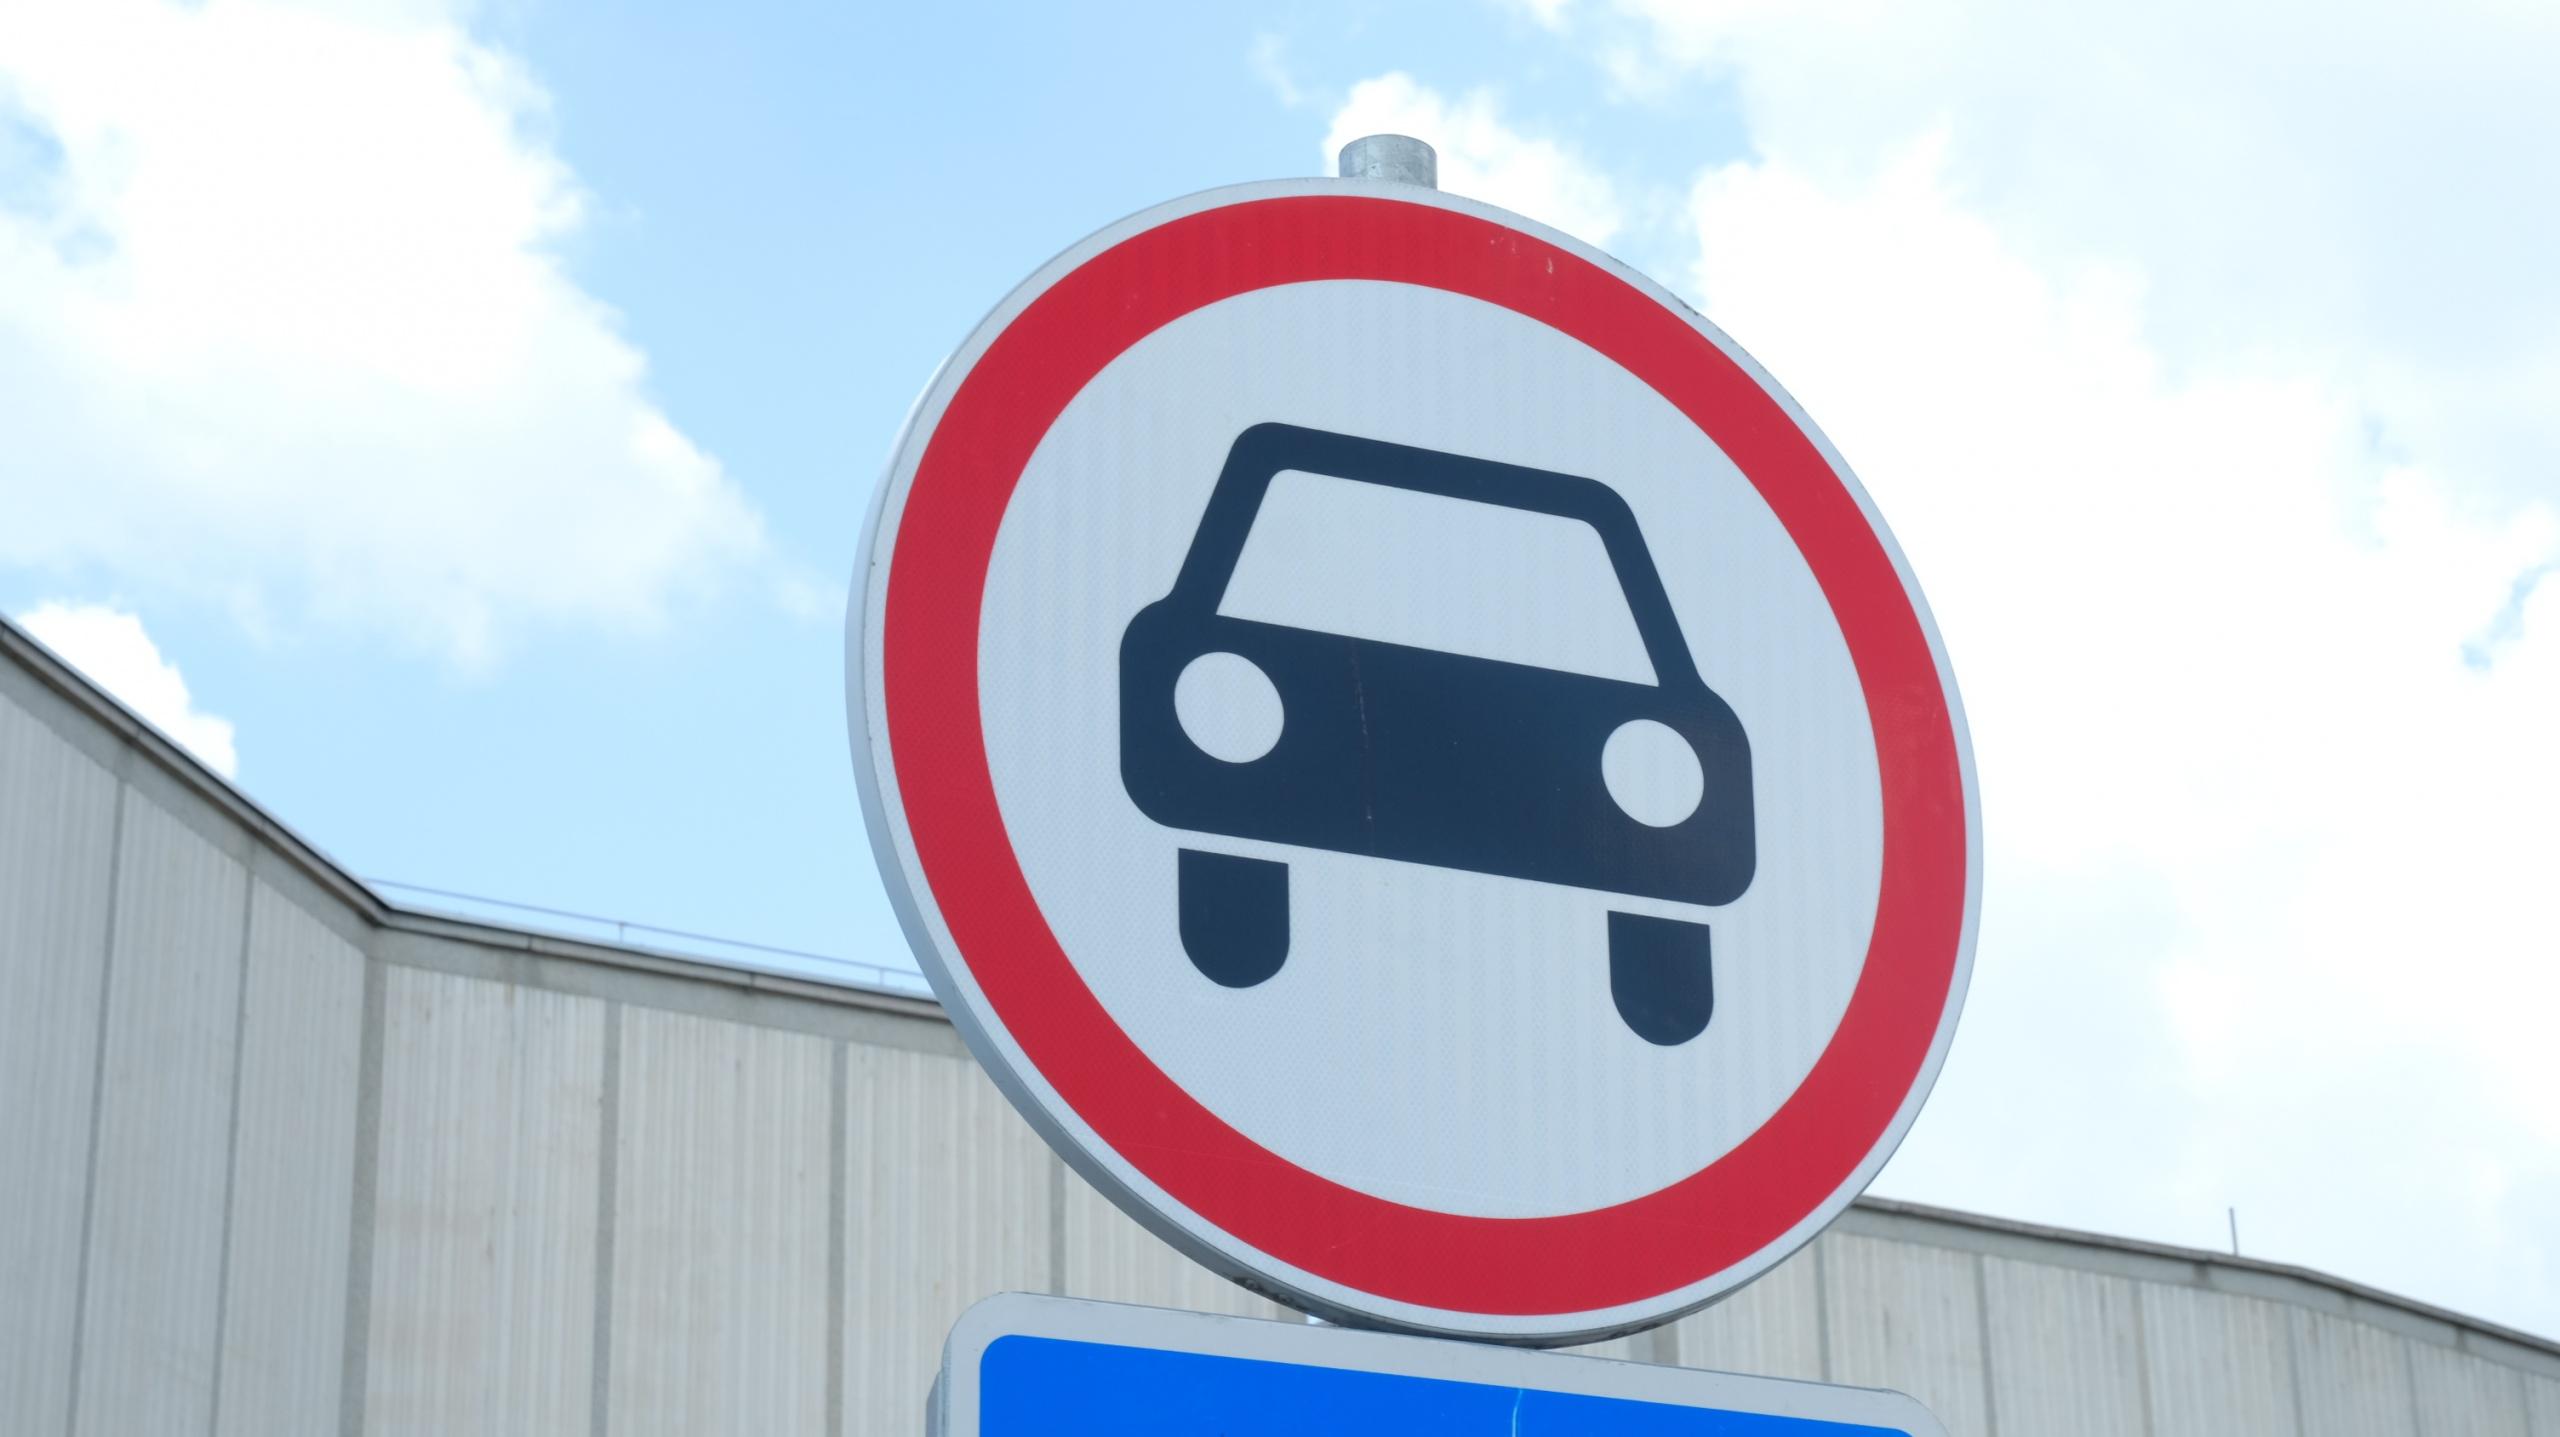 Alytuje – eismo ribojimai dėl renginių ir statybos darbų 1